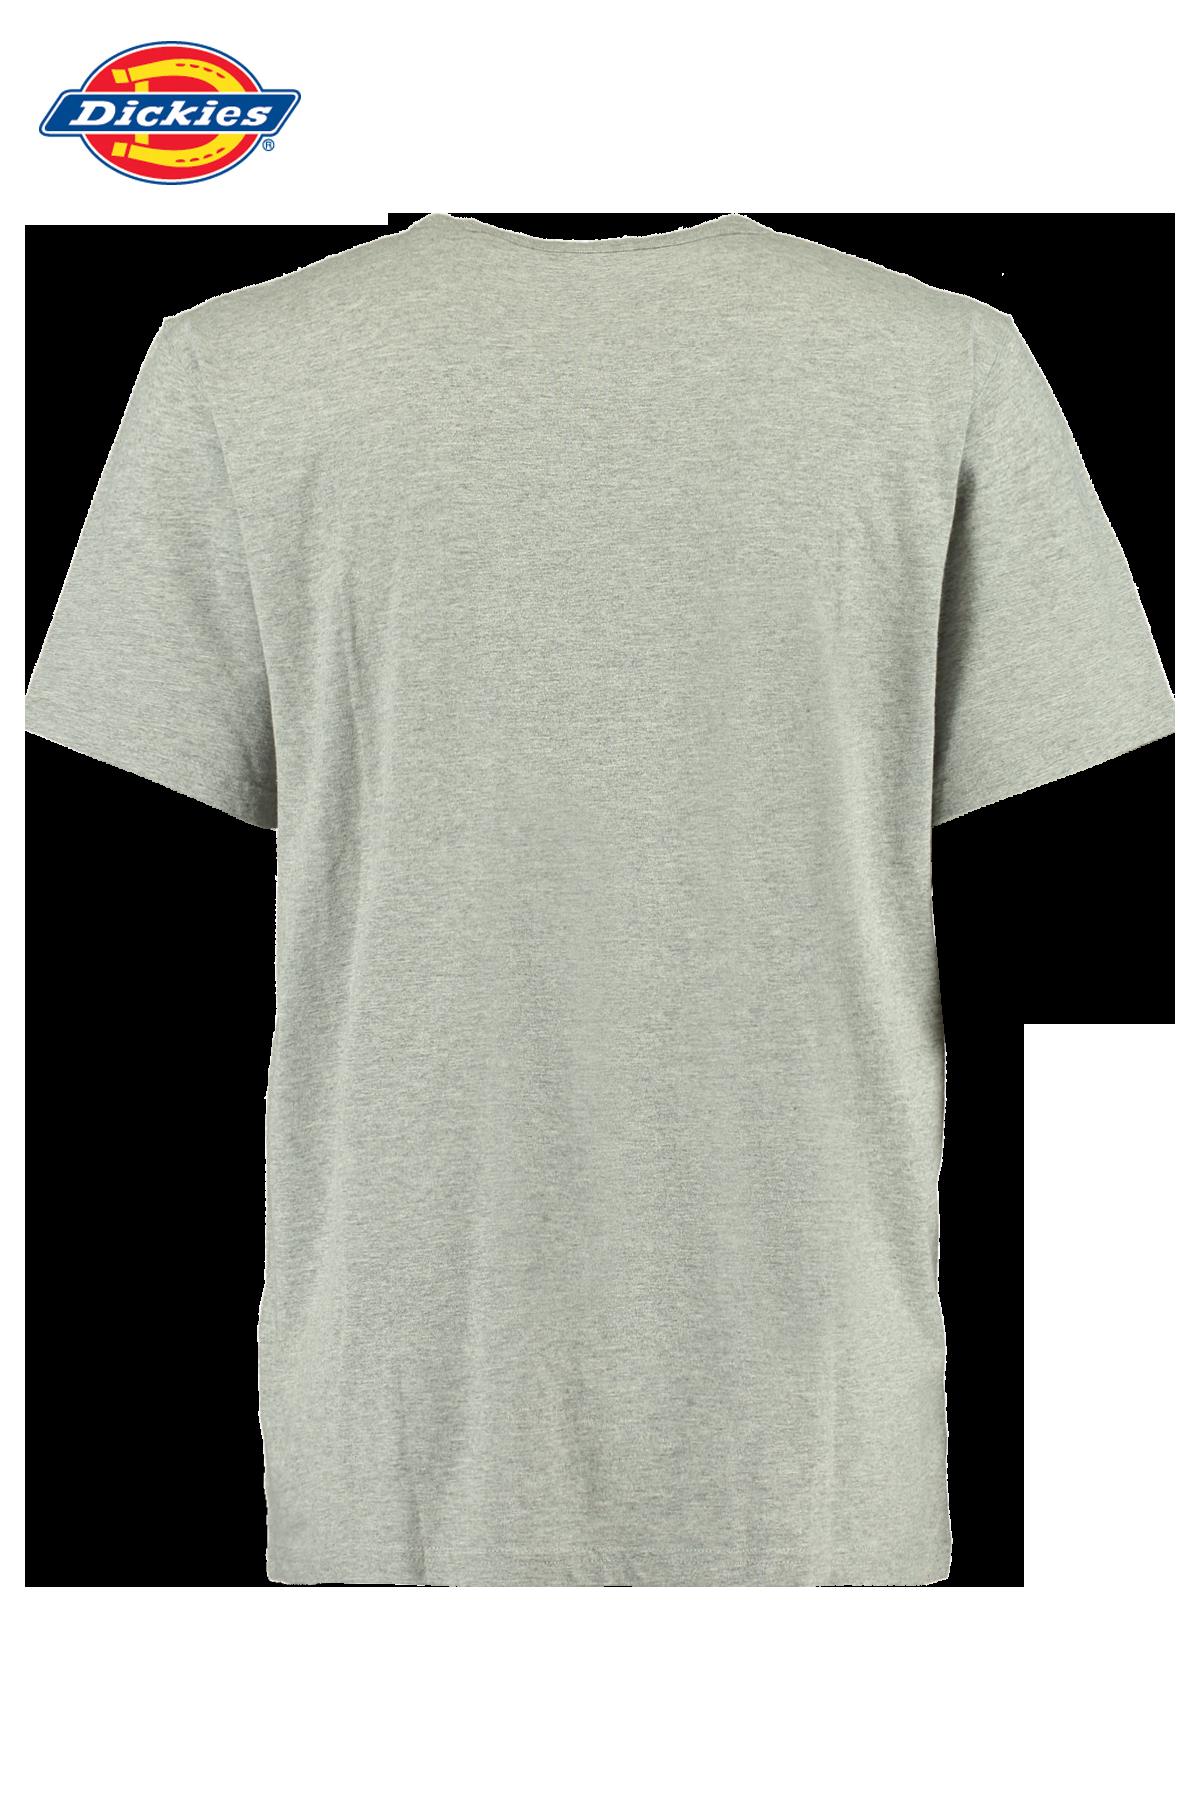 T-shirt Fhilomont t-shirt